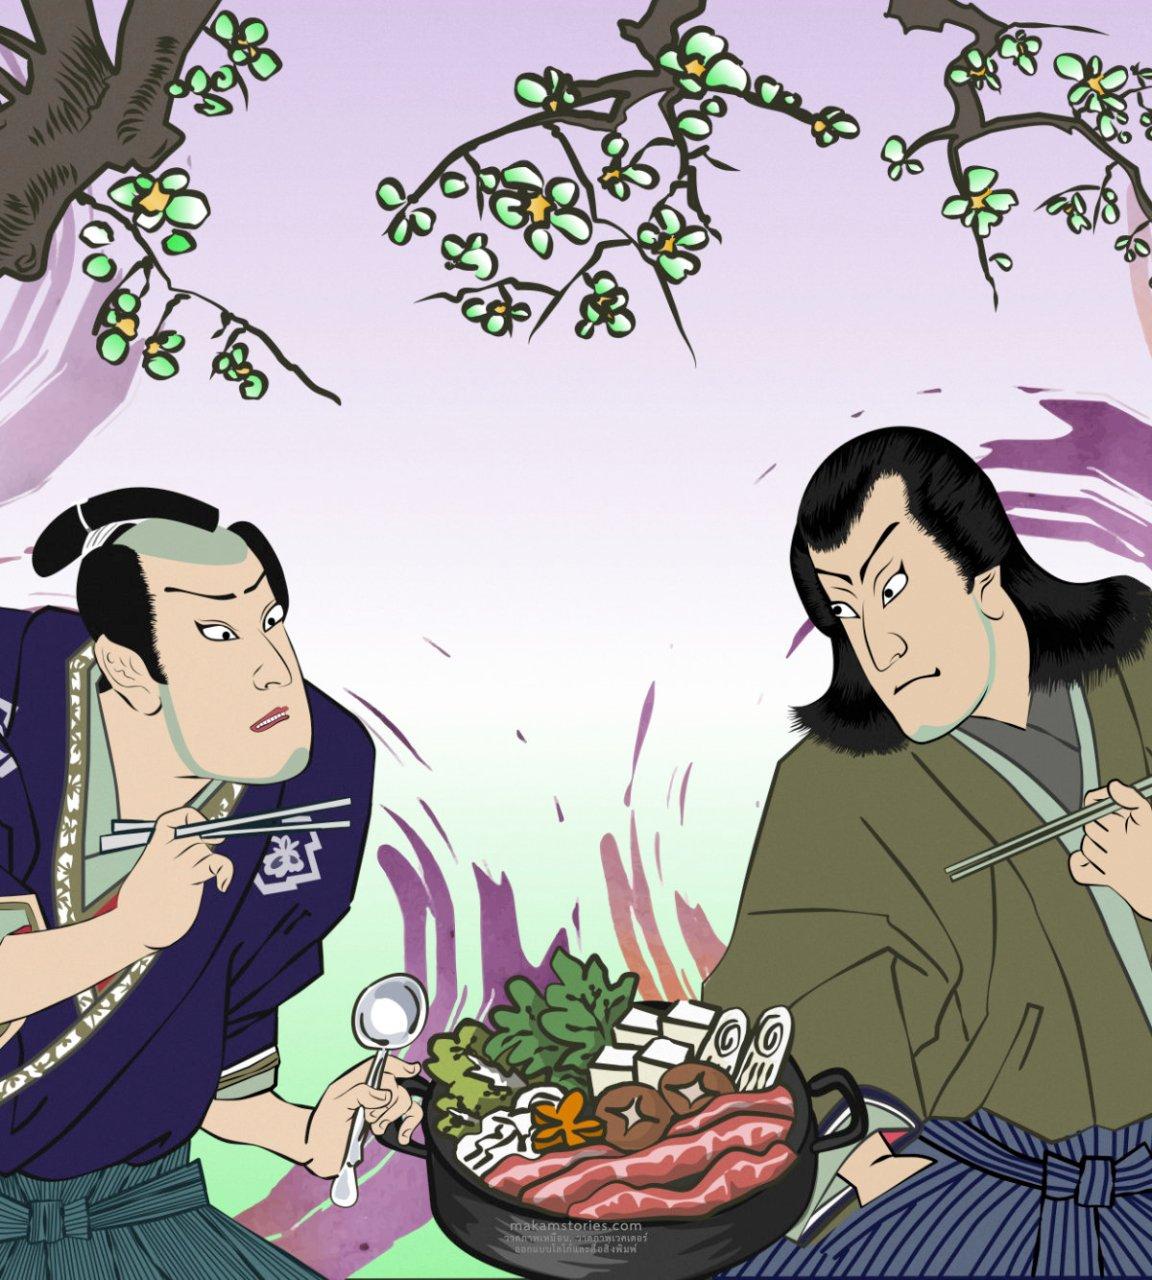 วาดภาพประกอบซามูไรญี่ปุ่นสำหรับงานวาดบนผนังร้านชาบู